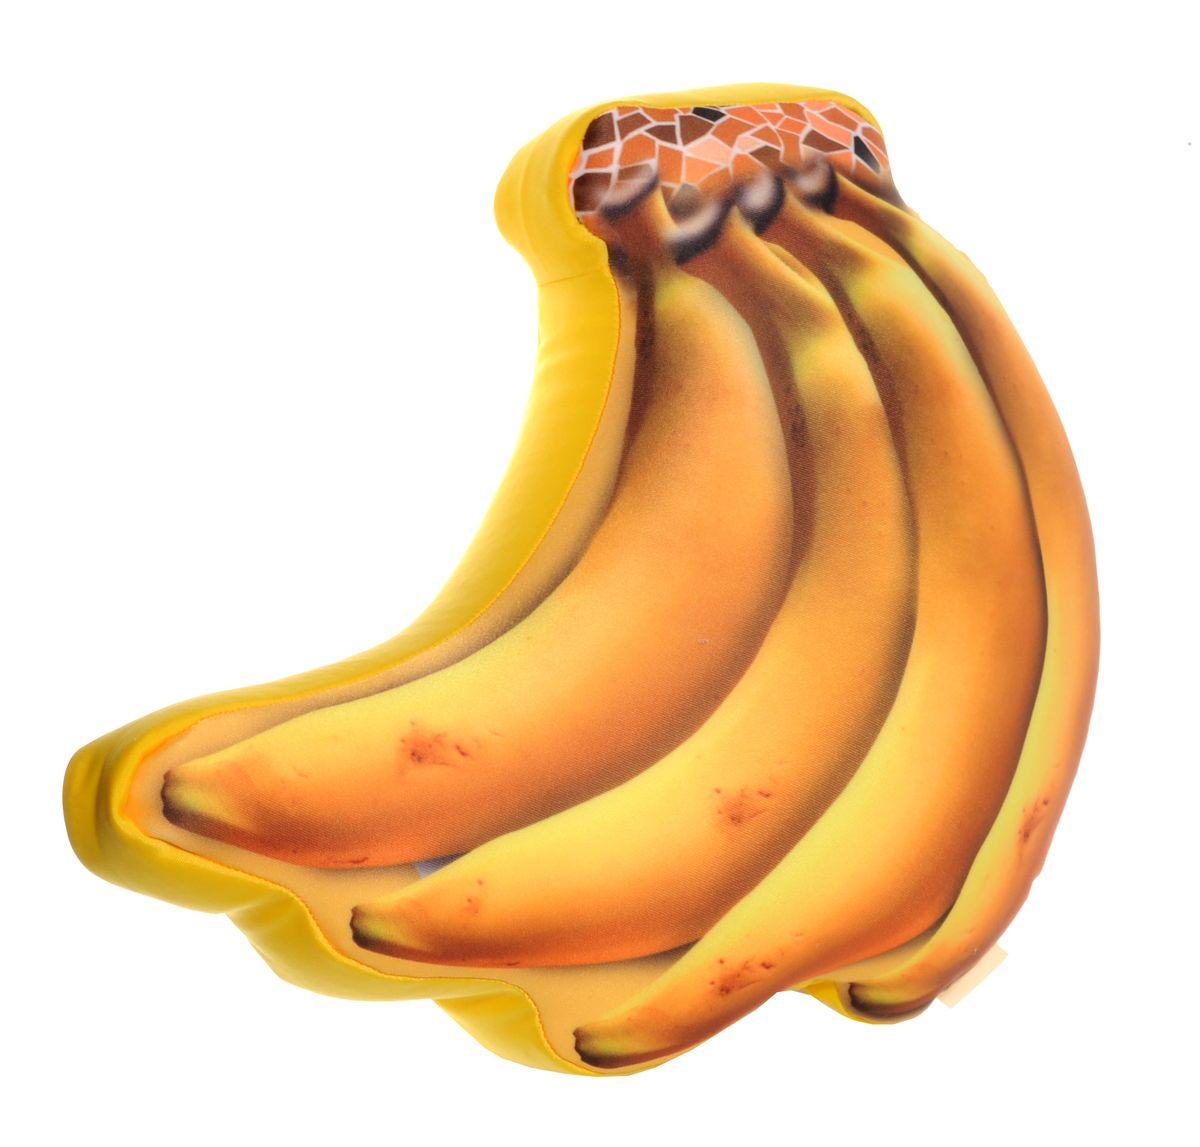 Подушка антистресс Банановая гроздь 36*32*10см65210Подушка с мягкой пластичной структурой и ярким принтом - это не только антистресс, но и оригинальный аксессуар для интерьера. Отличный подарок для себя и близких.